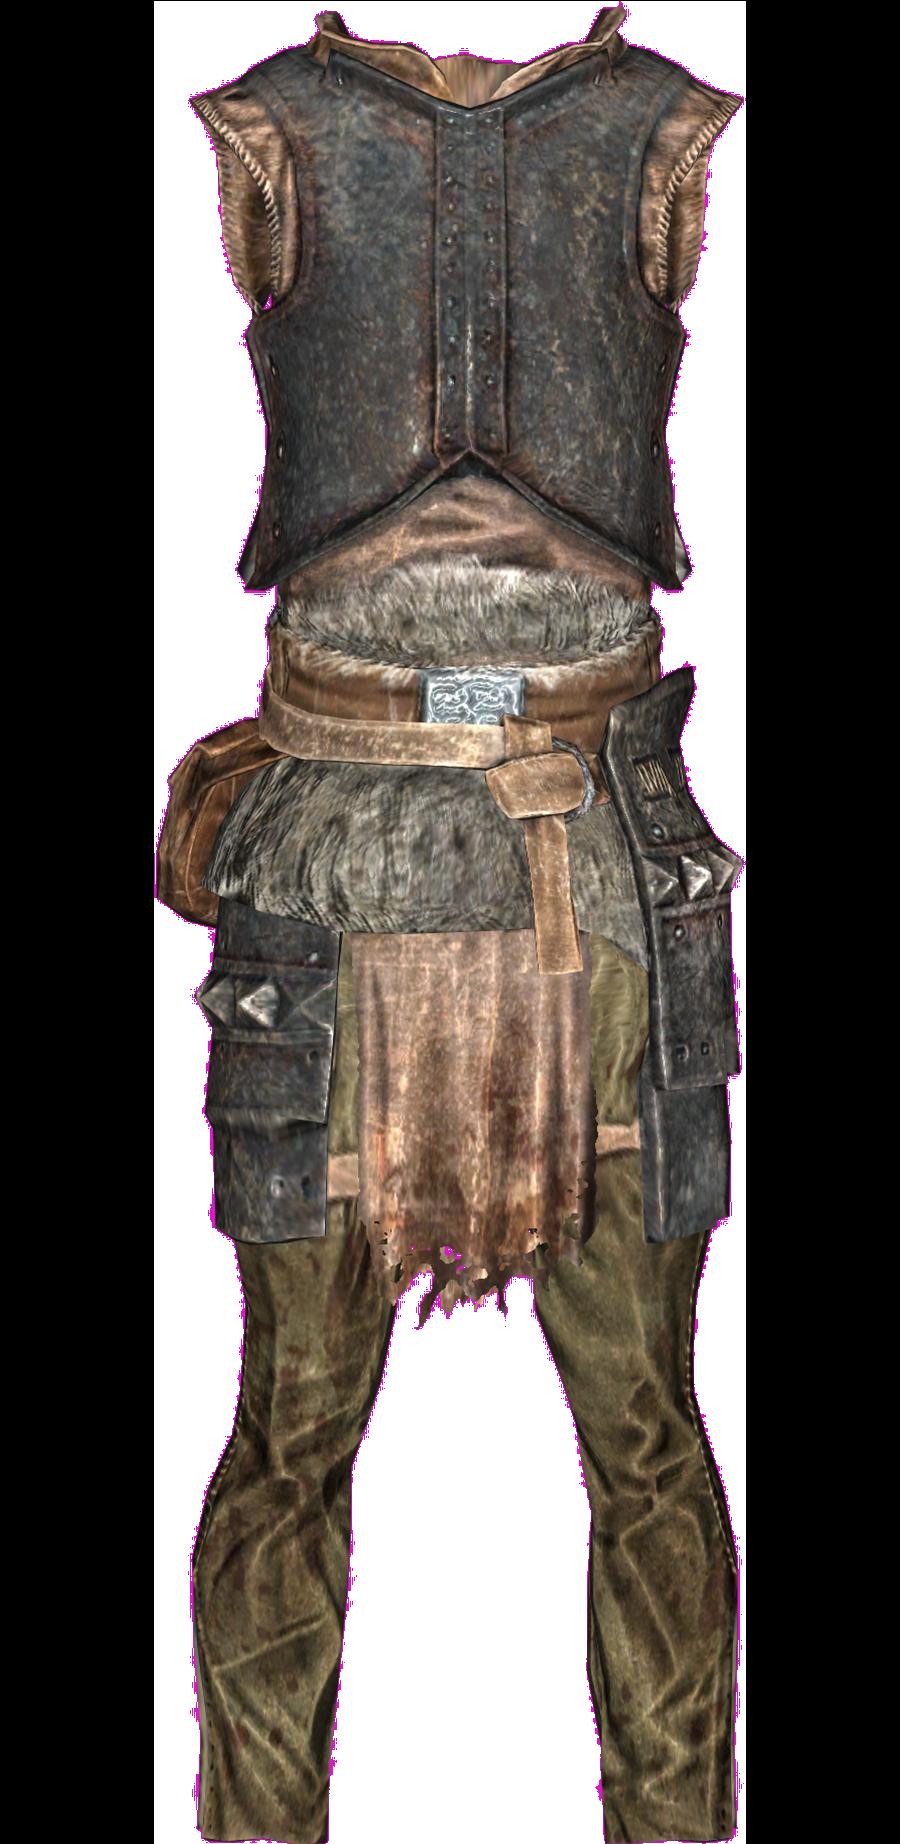 Iron Armor (Armor Piece)